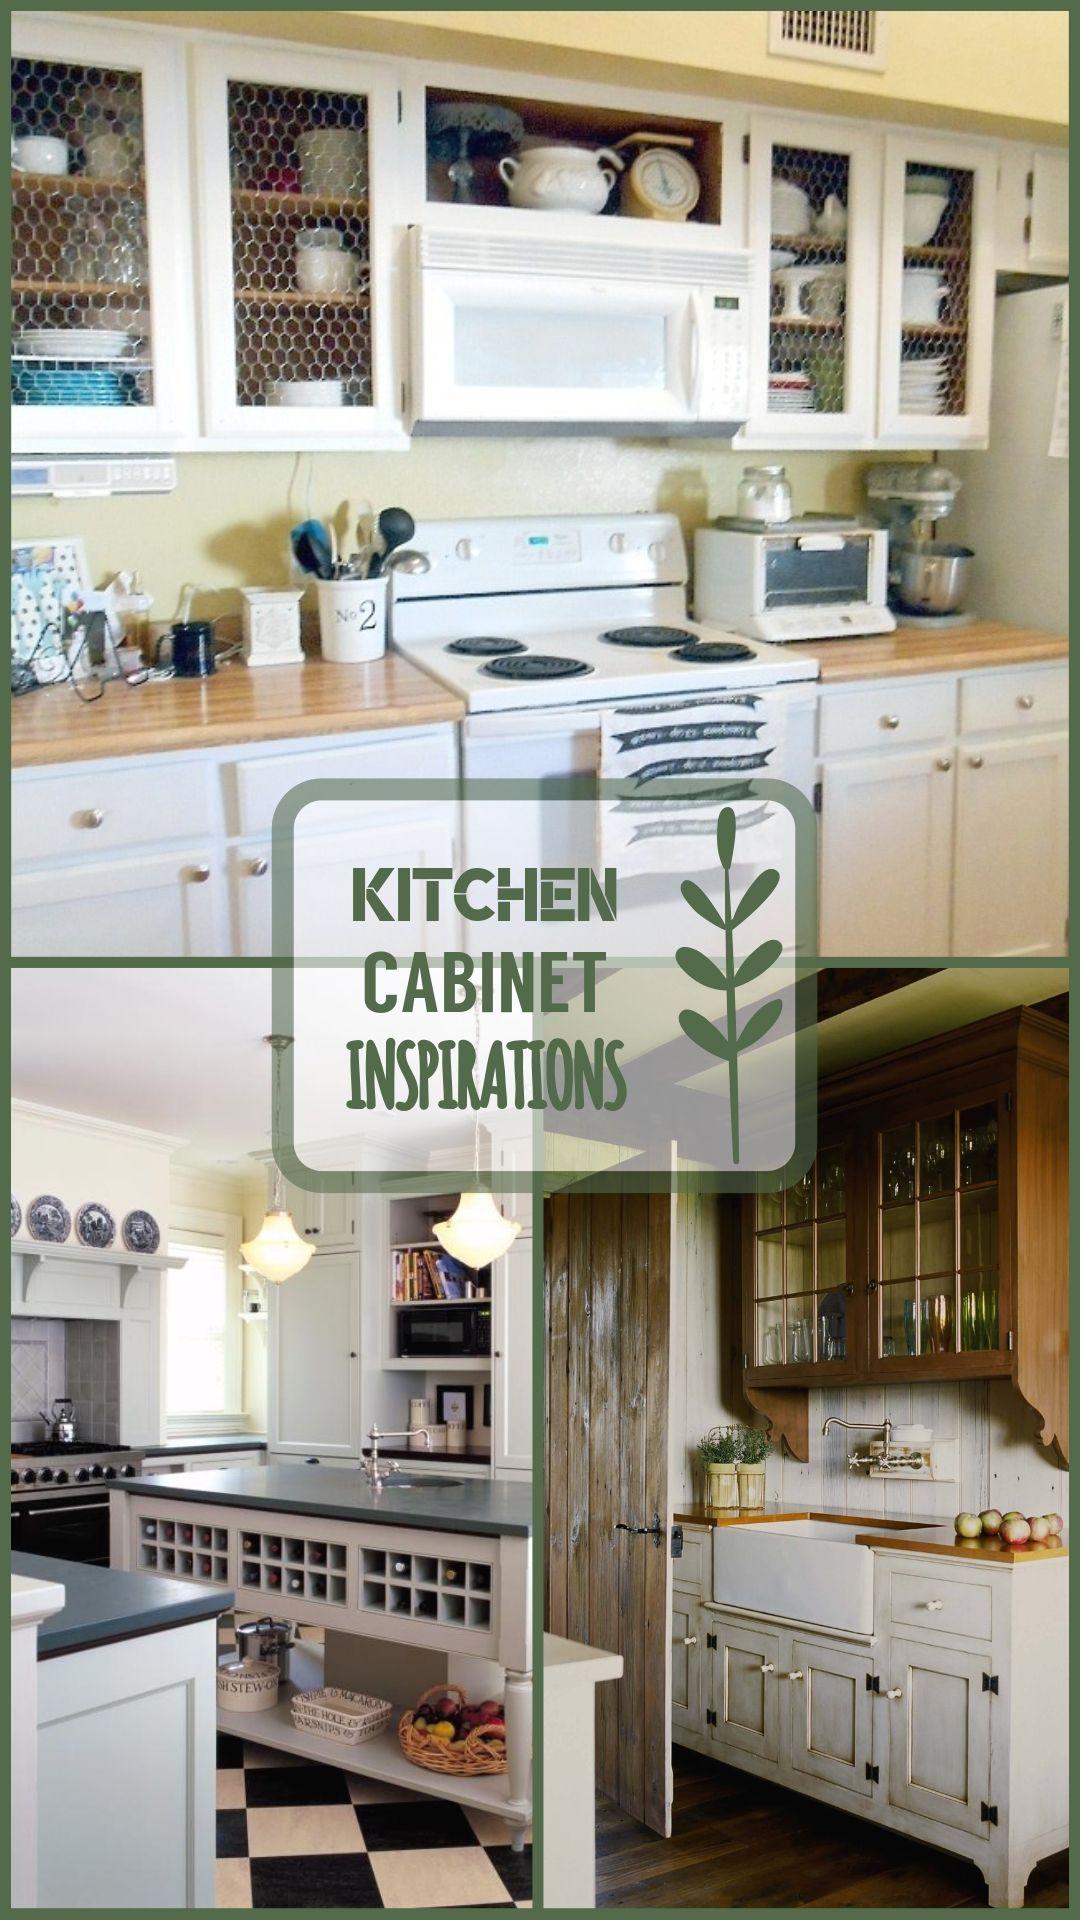 Kitchen Cabinet Designs Best Diy Lists In 2020 Kitchen Backsplash Designs Kitchen Cabinet Inspiration Diy Kitchen